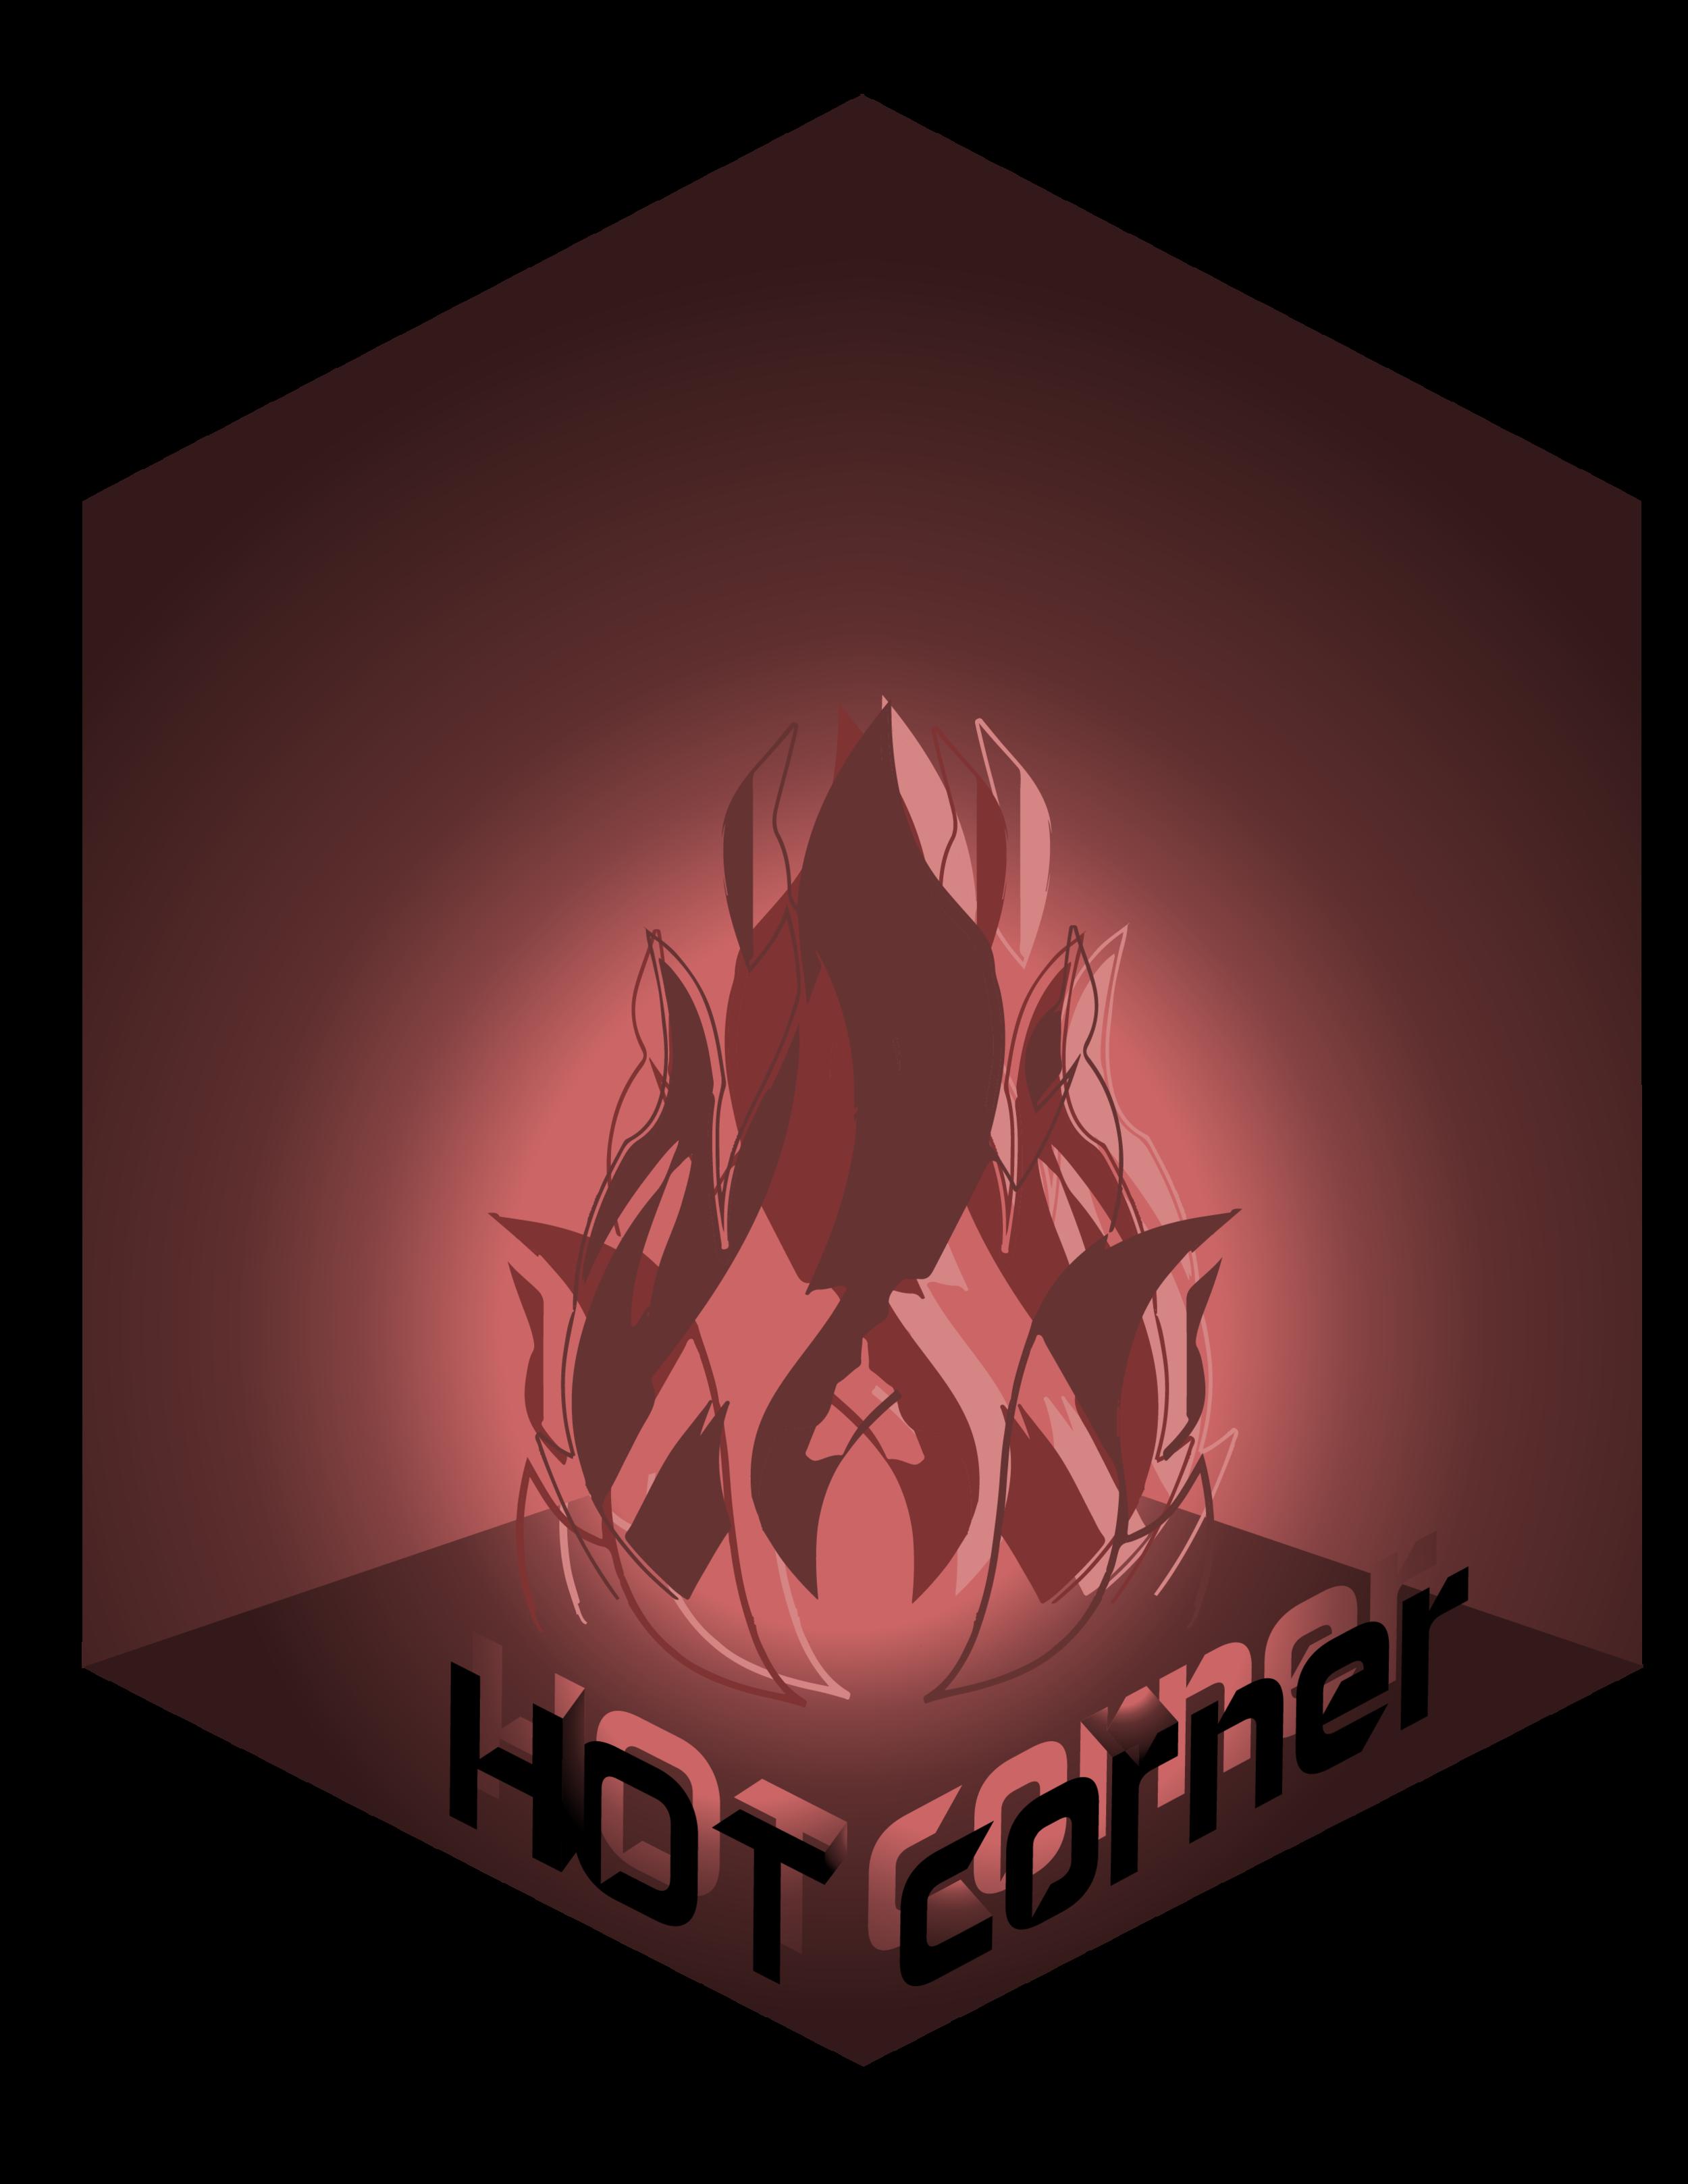 Hot Corner - On this week of